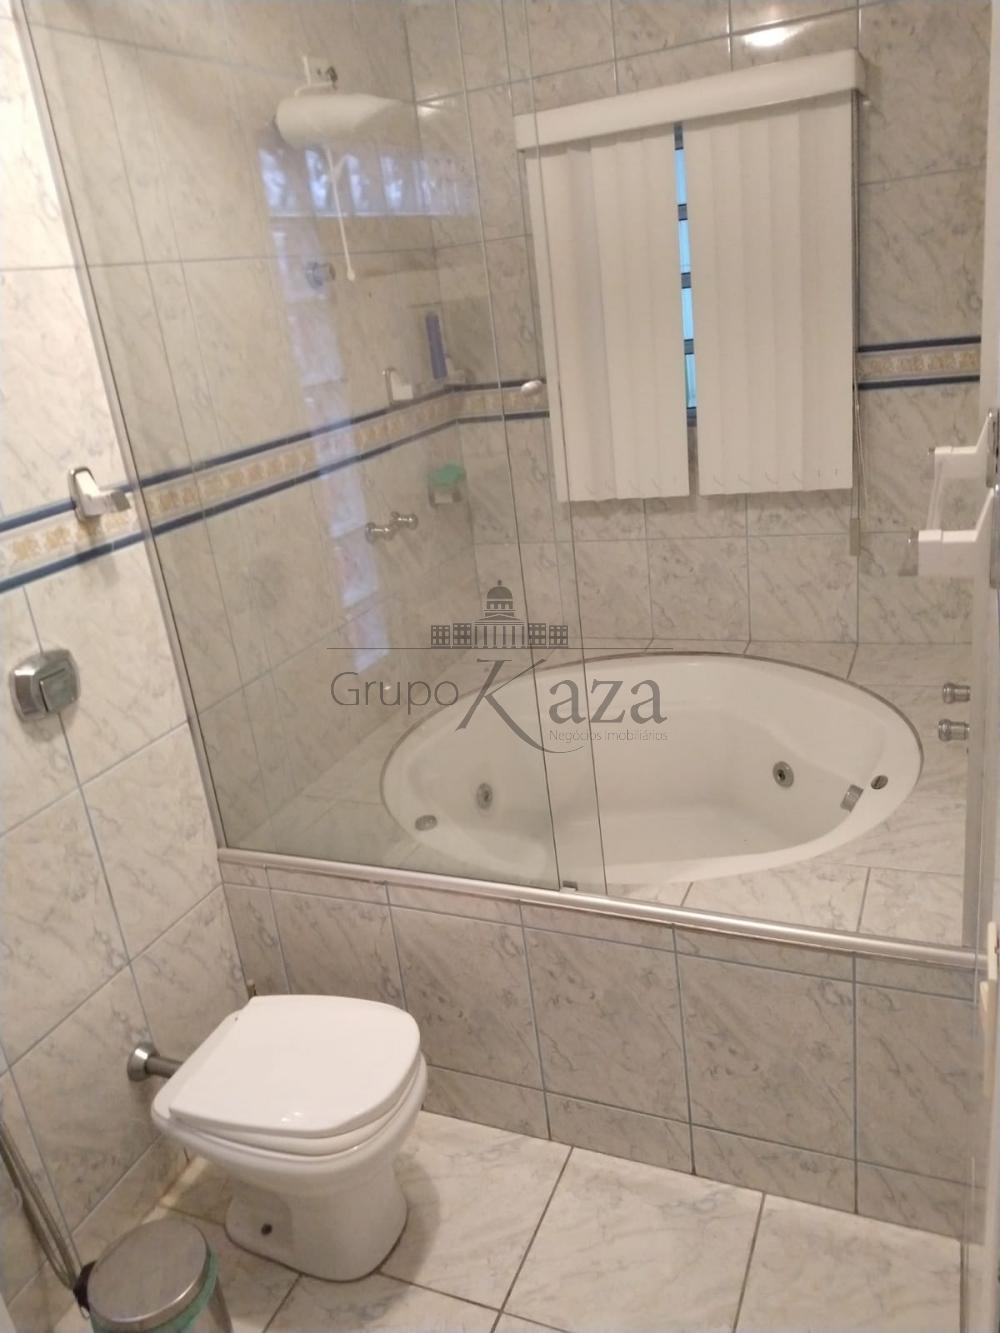 alt='Comprar Casa / Sobrado em São José dos Campos R$ 390.000,00 - Foto 15' title='Comprar Casa / Sobrado em São José dos Campos R$ 390.000,00 - Foto 15'